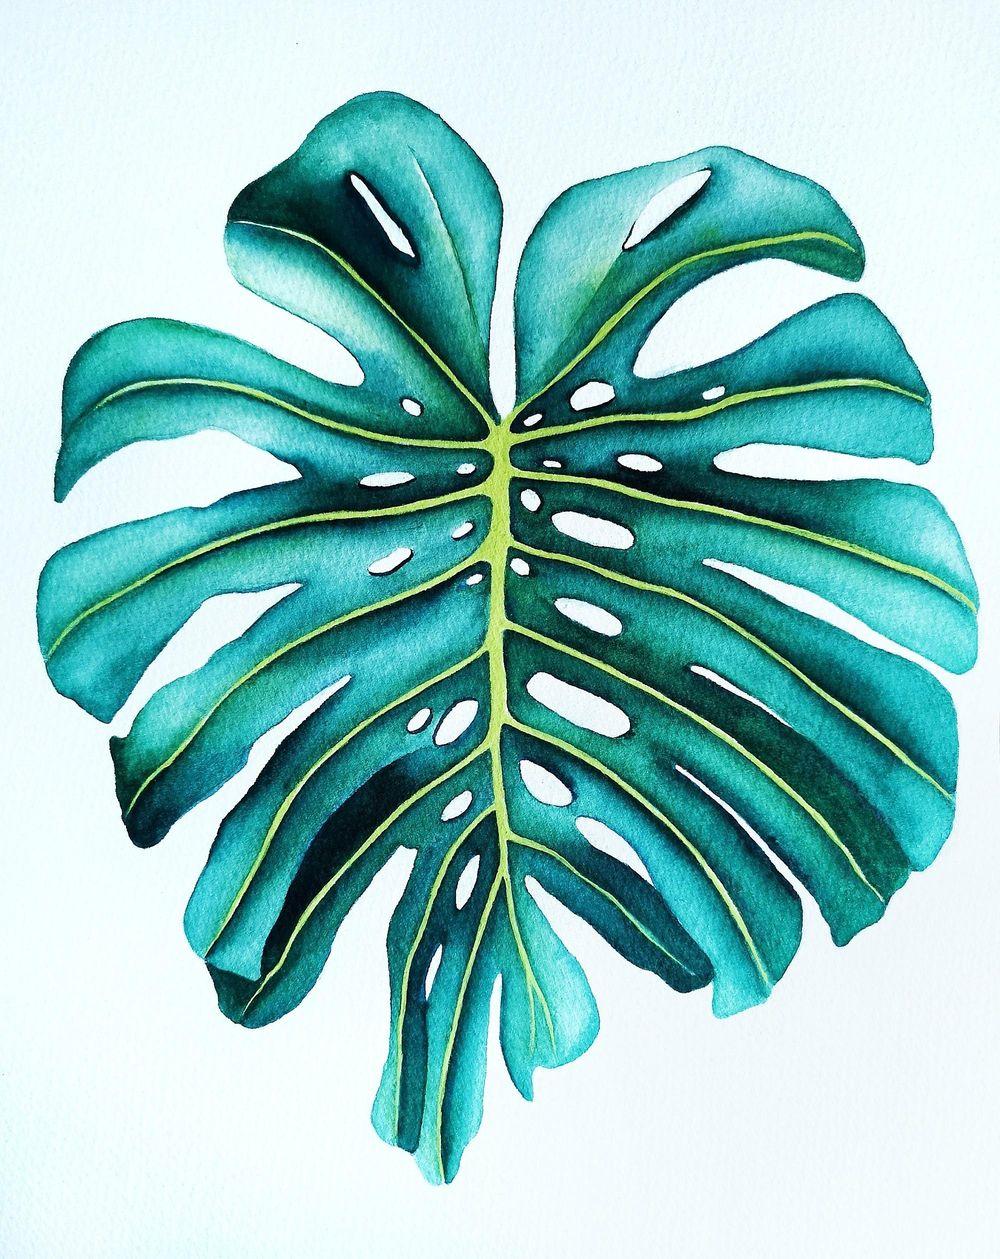 Botanical Illustration - Monstera Leaf - image 1 - student project